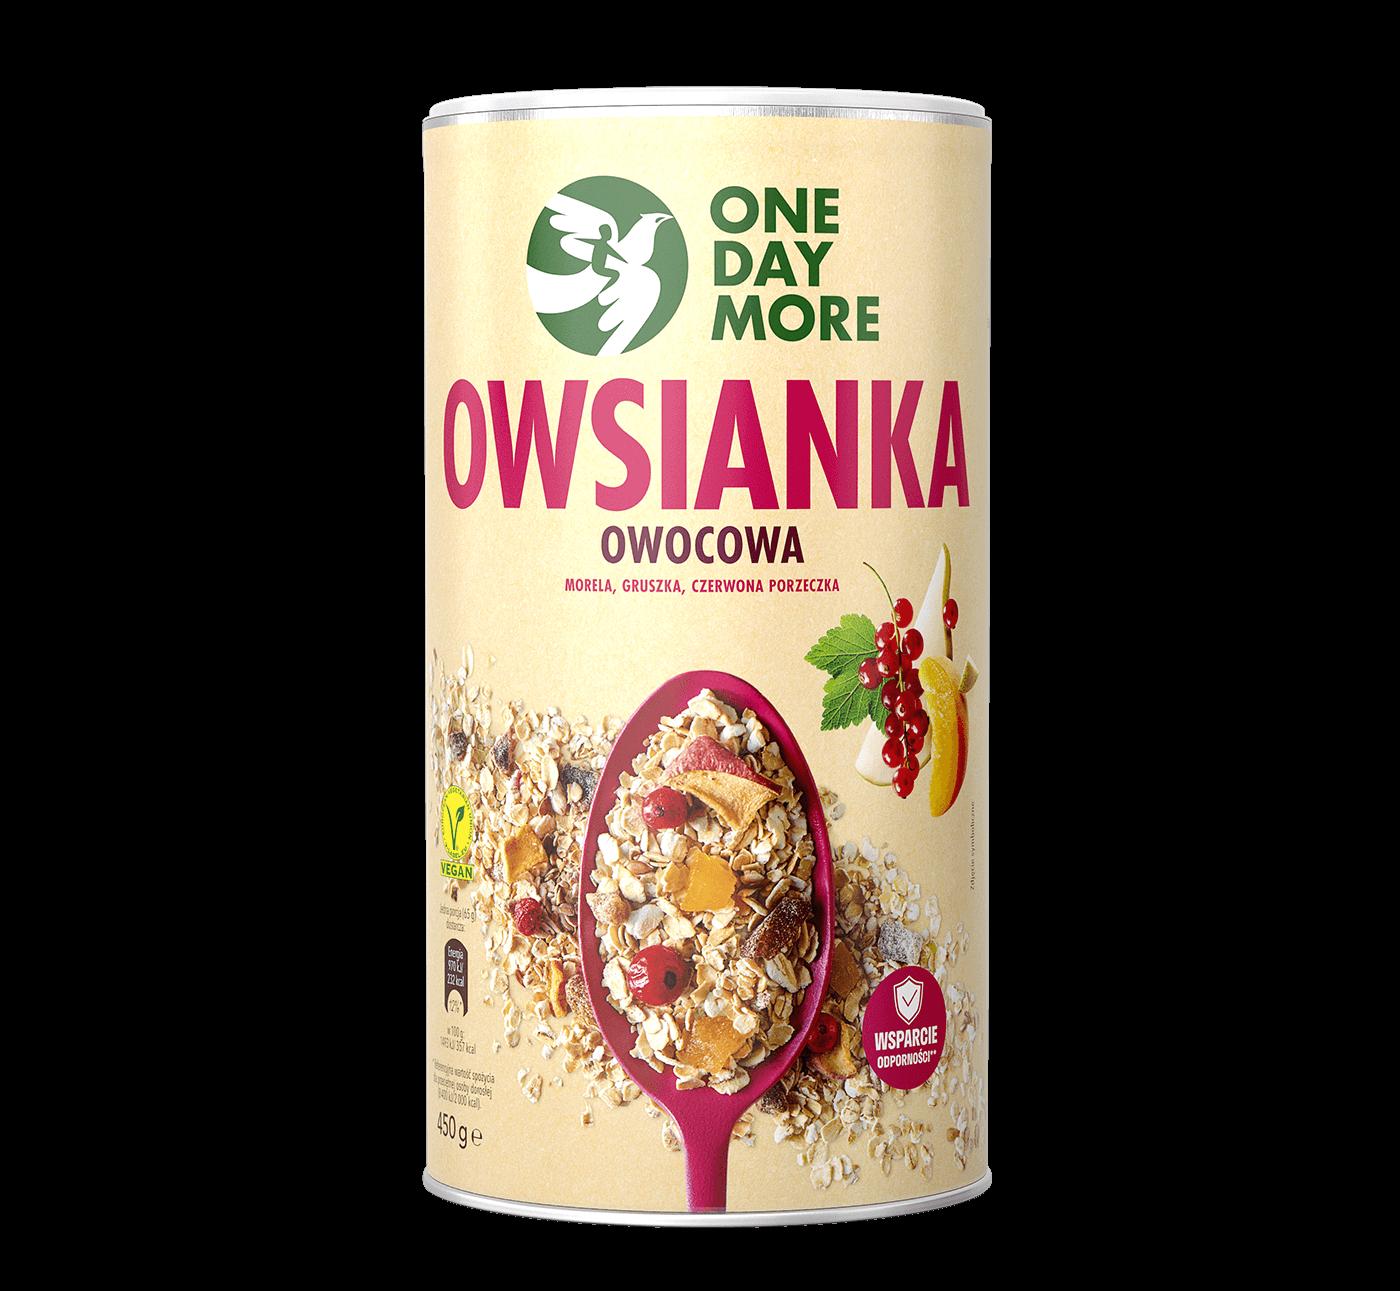 owsianka-owocowa-onedaymore-tuba-1400×129